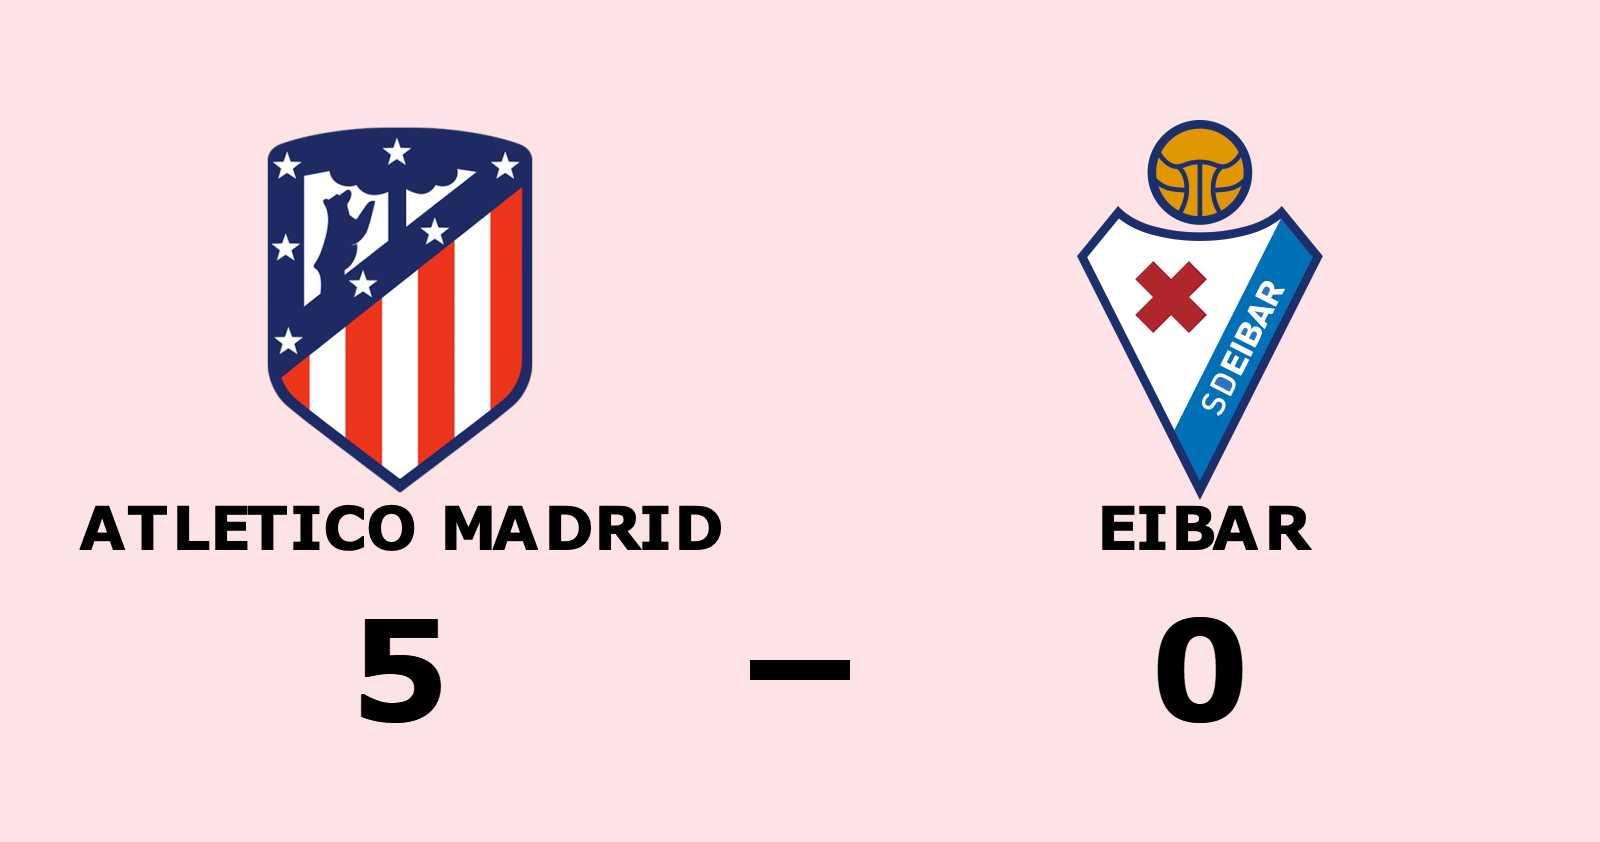 Atletico Madrid utökar serieledningen efter ny seger